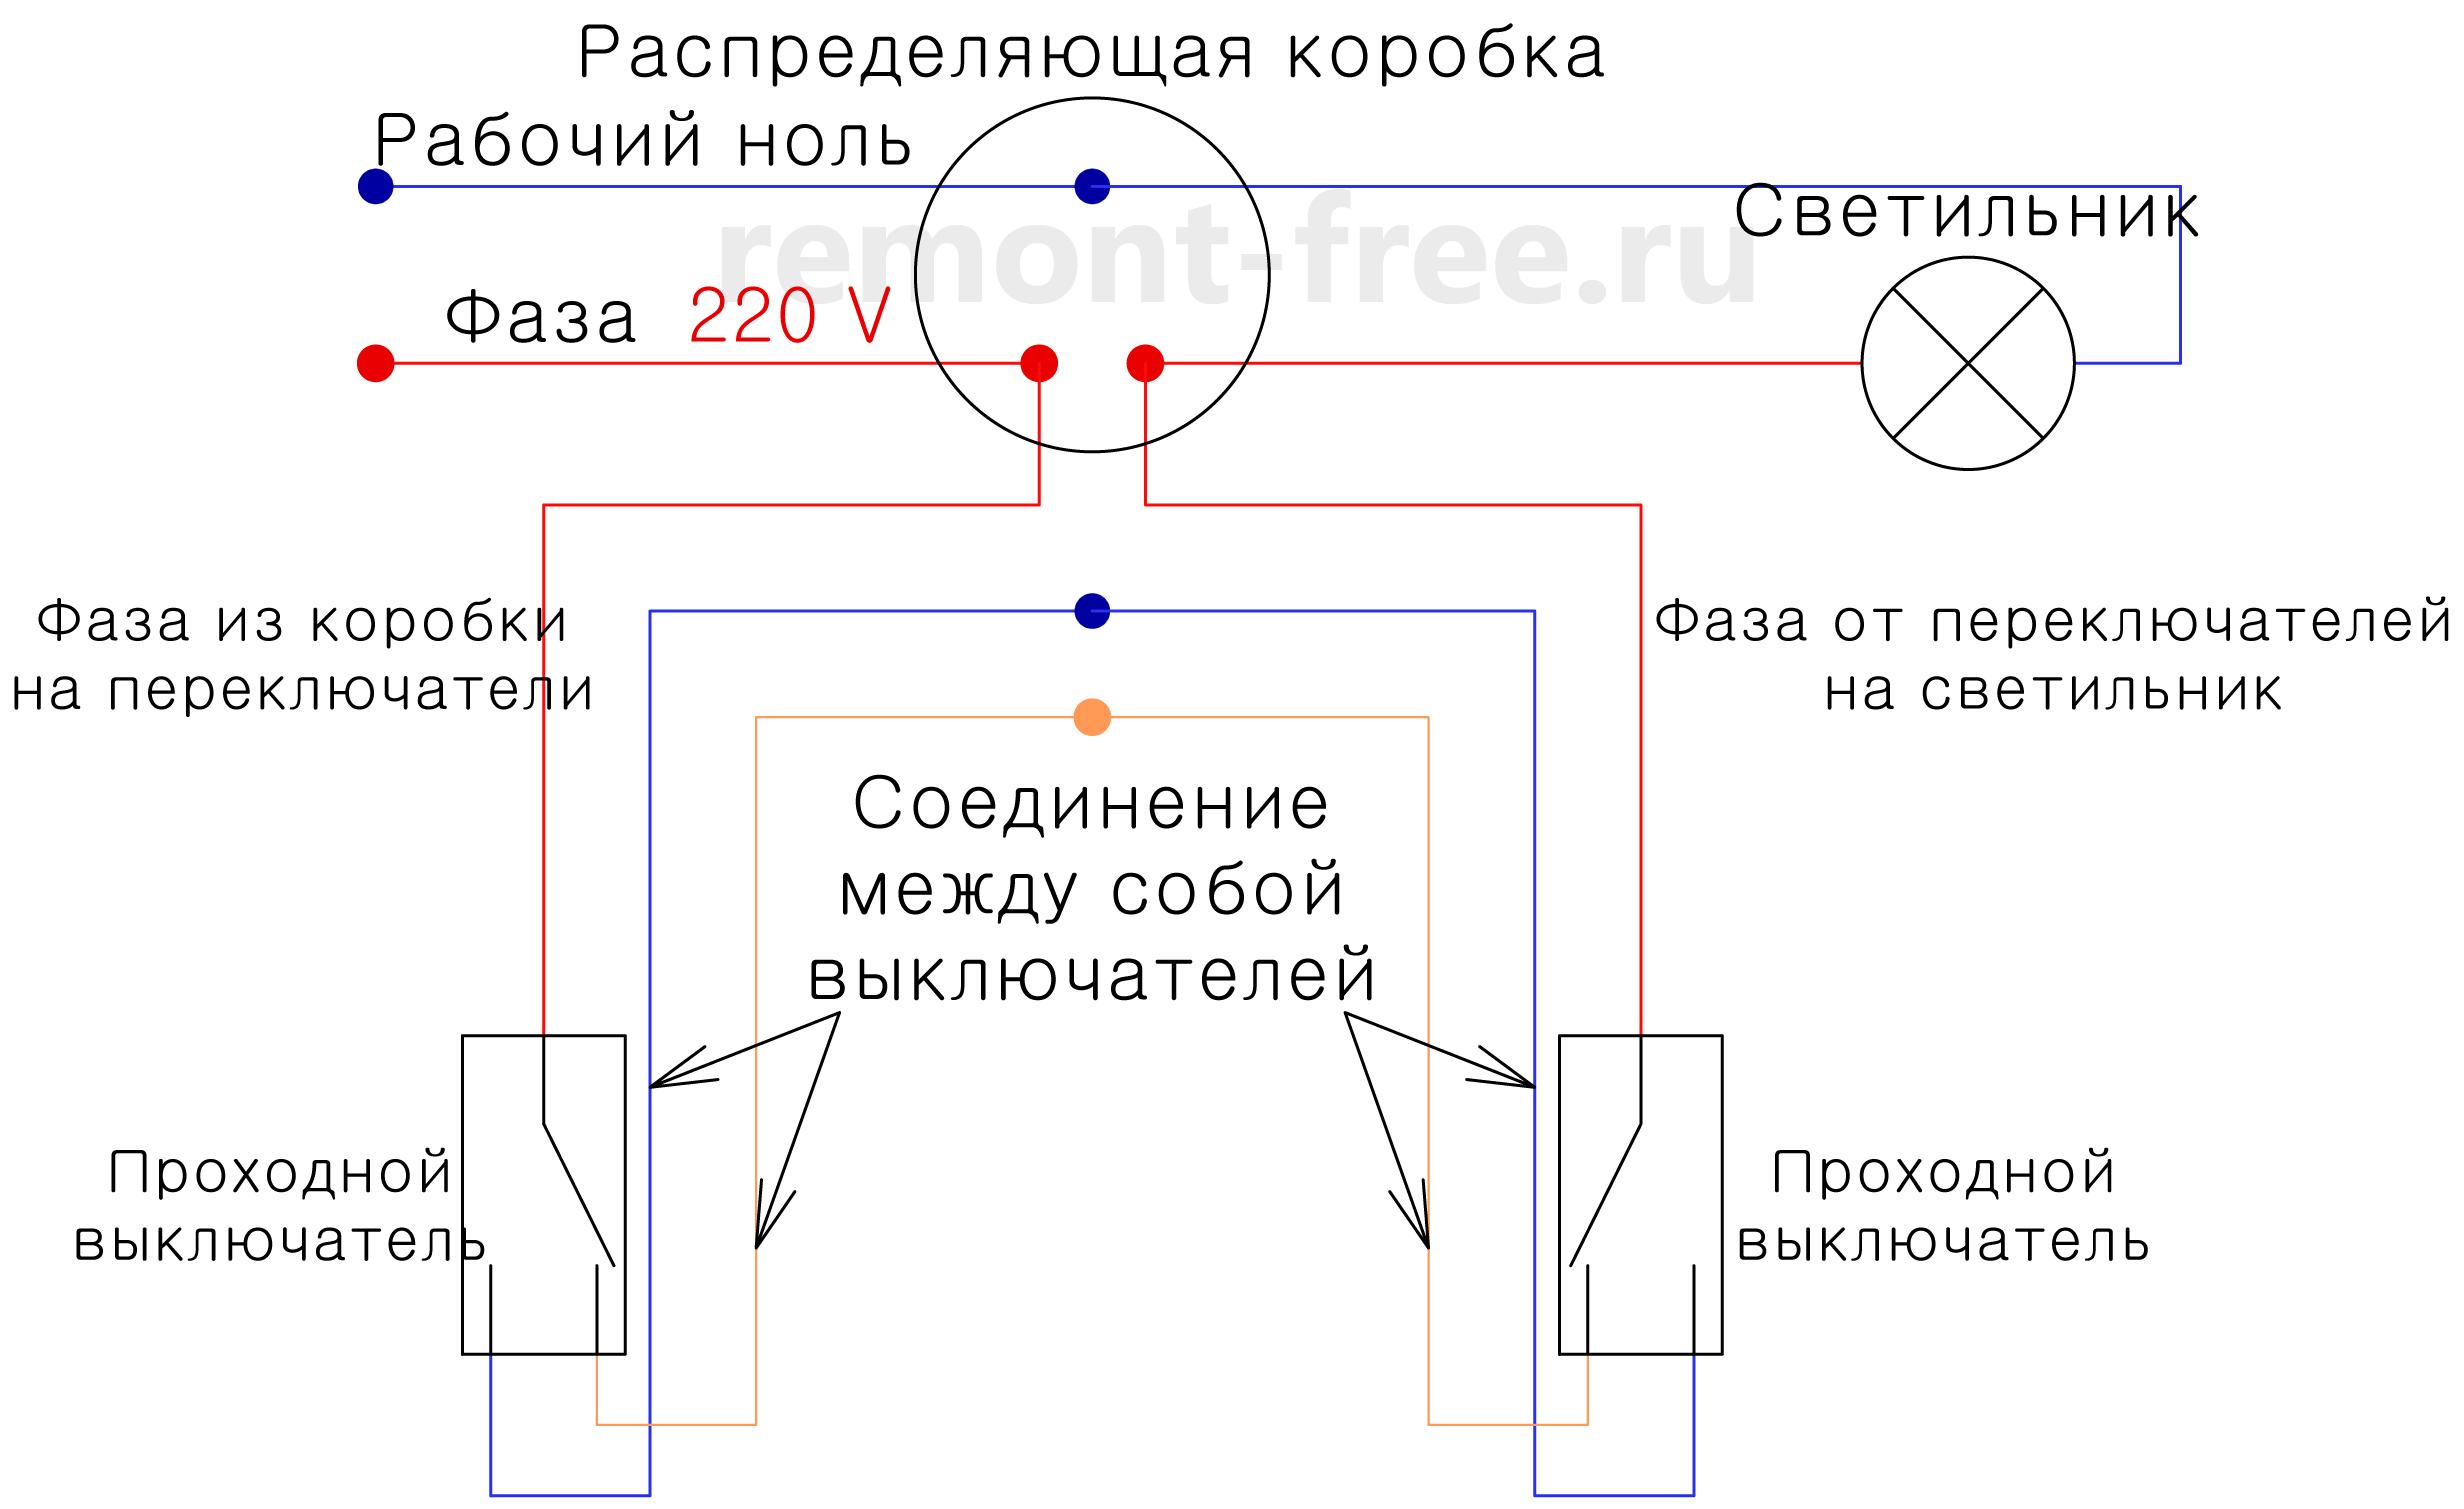 Схема подключения проходного выключателя в квартире